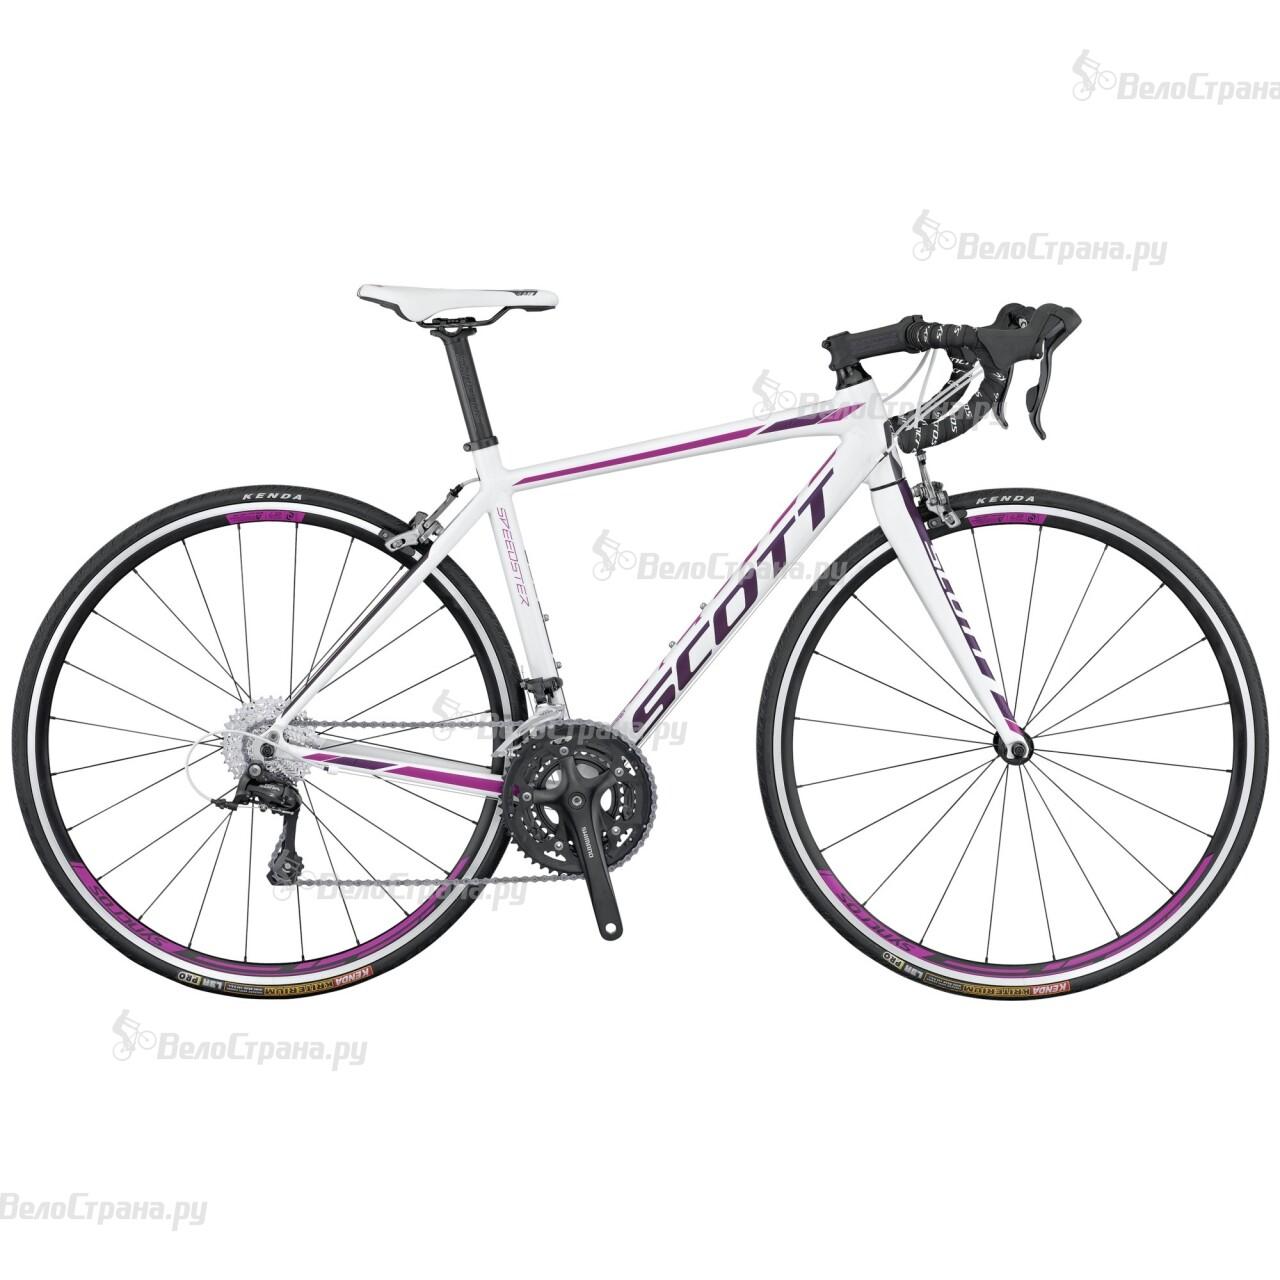 Велосипед Scott Contessa Speedster 35 (2016) велосипед scott contessa solace 35 2017